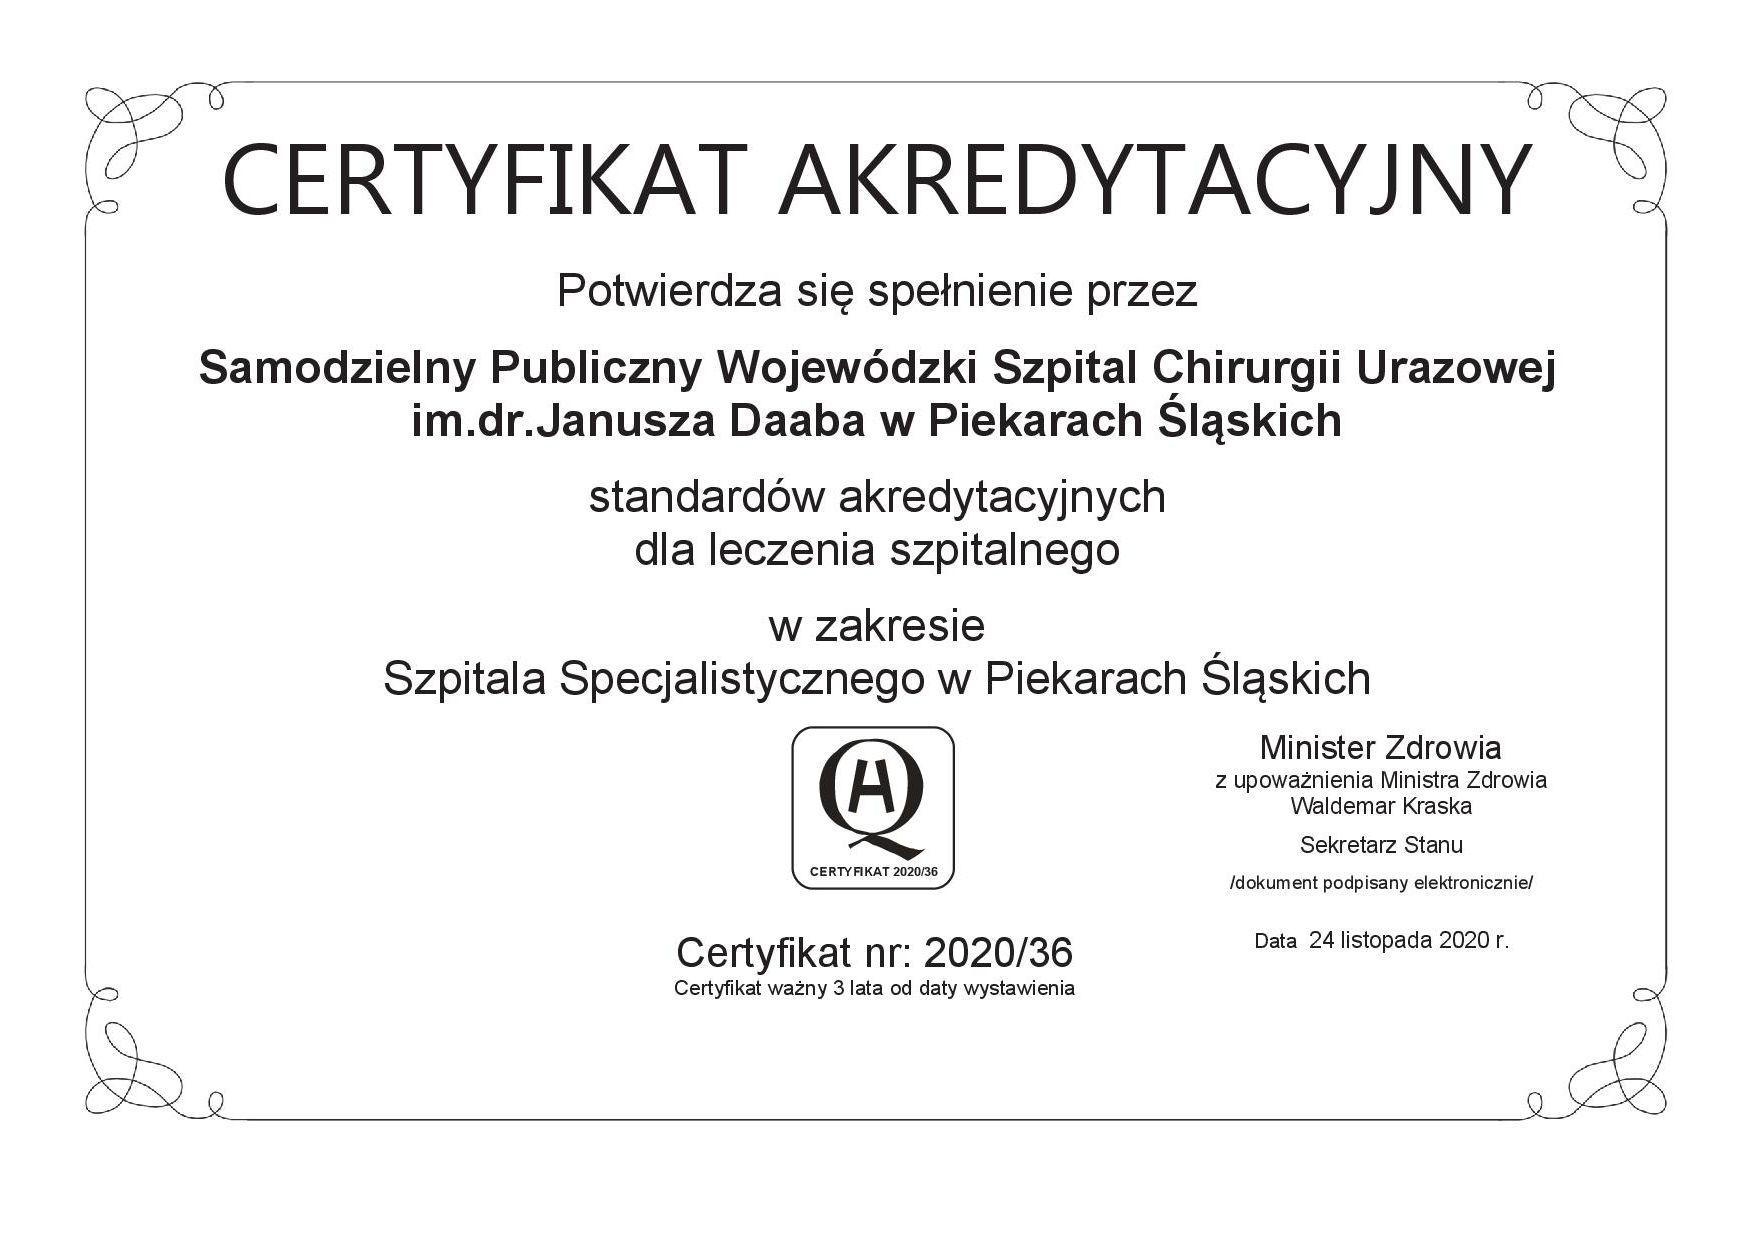 Zdjędie przedstawia certyfikat akredytacyjny.